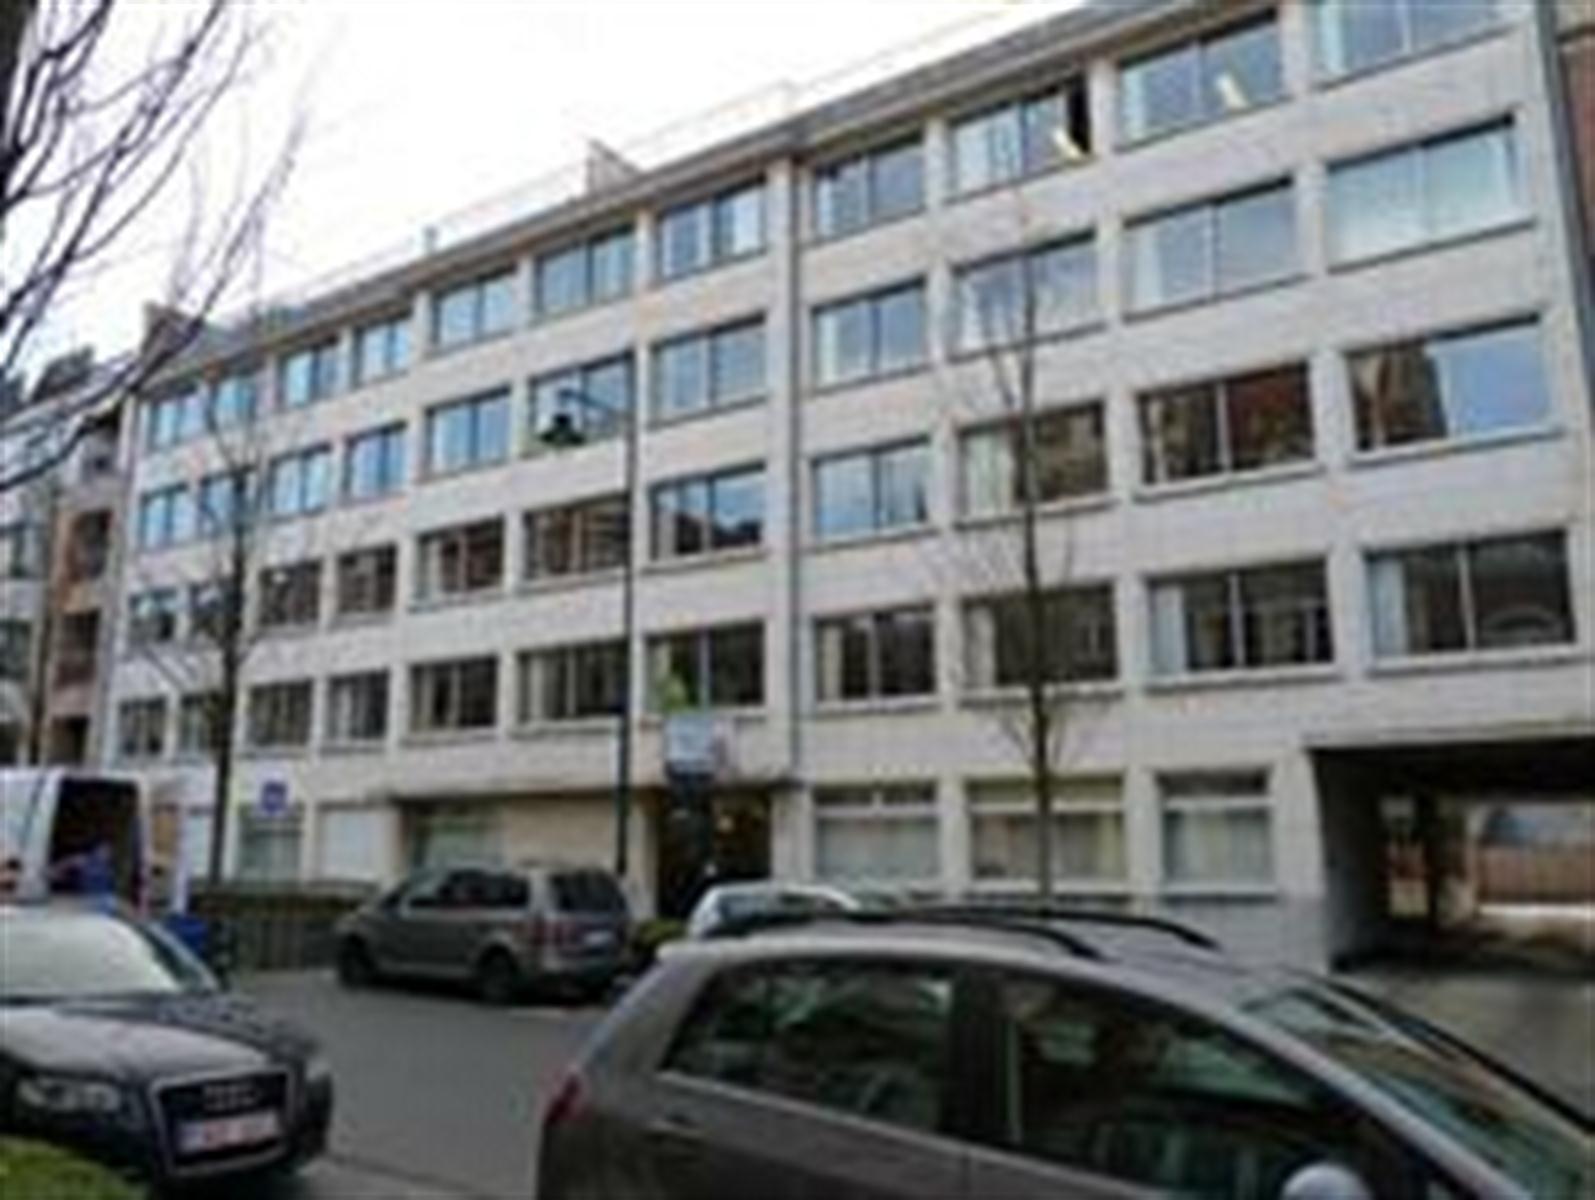 VANDENDRIESSCHE 18  - Woluwe-Saint-Pierre - #2974816-1